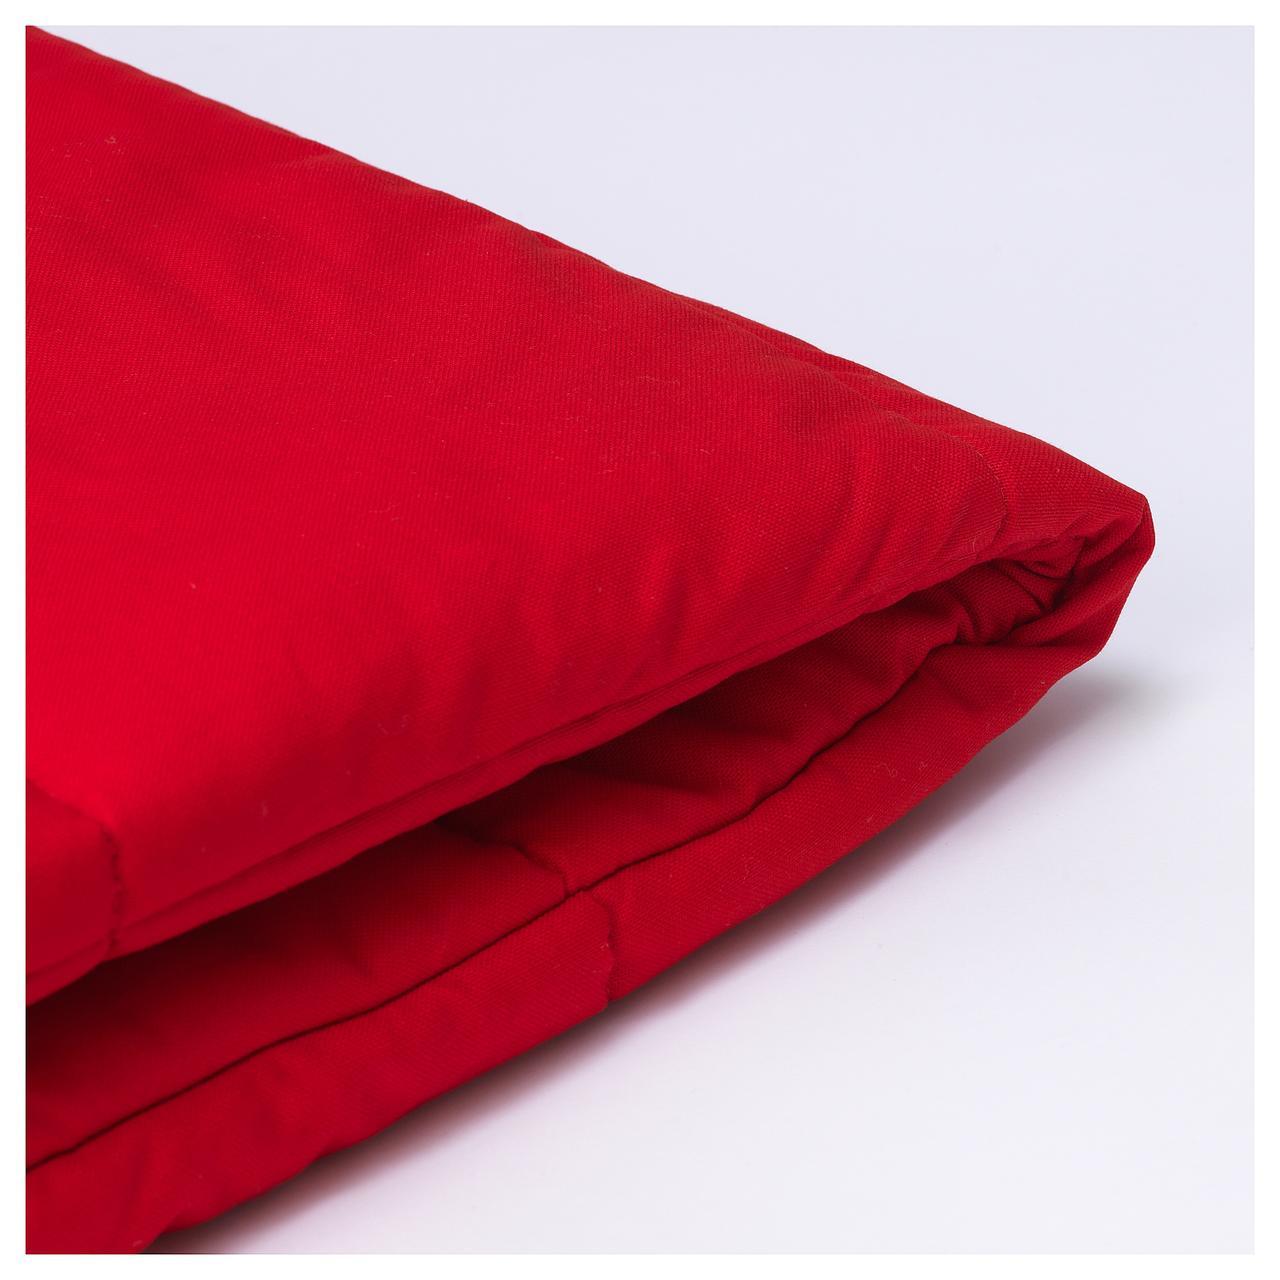 Покрытие для двухместного дивана IKEA KLIPPAN Ransta красное 404.127.25